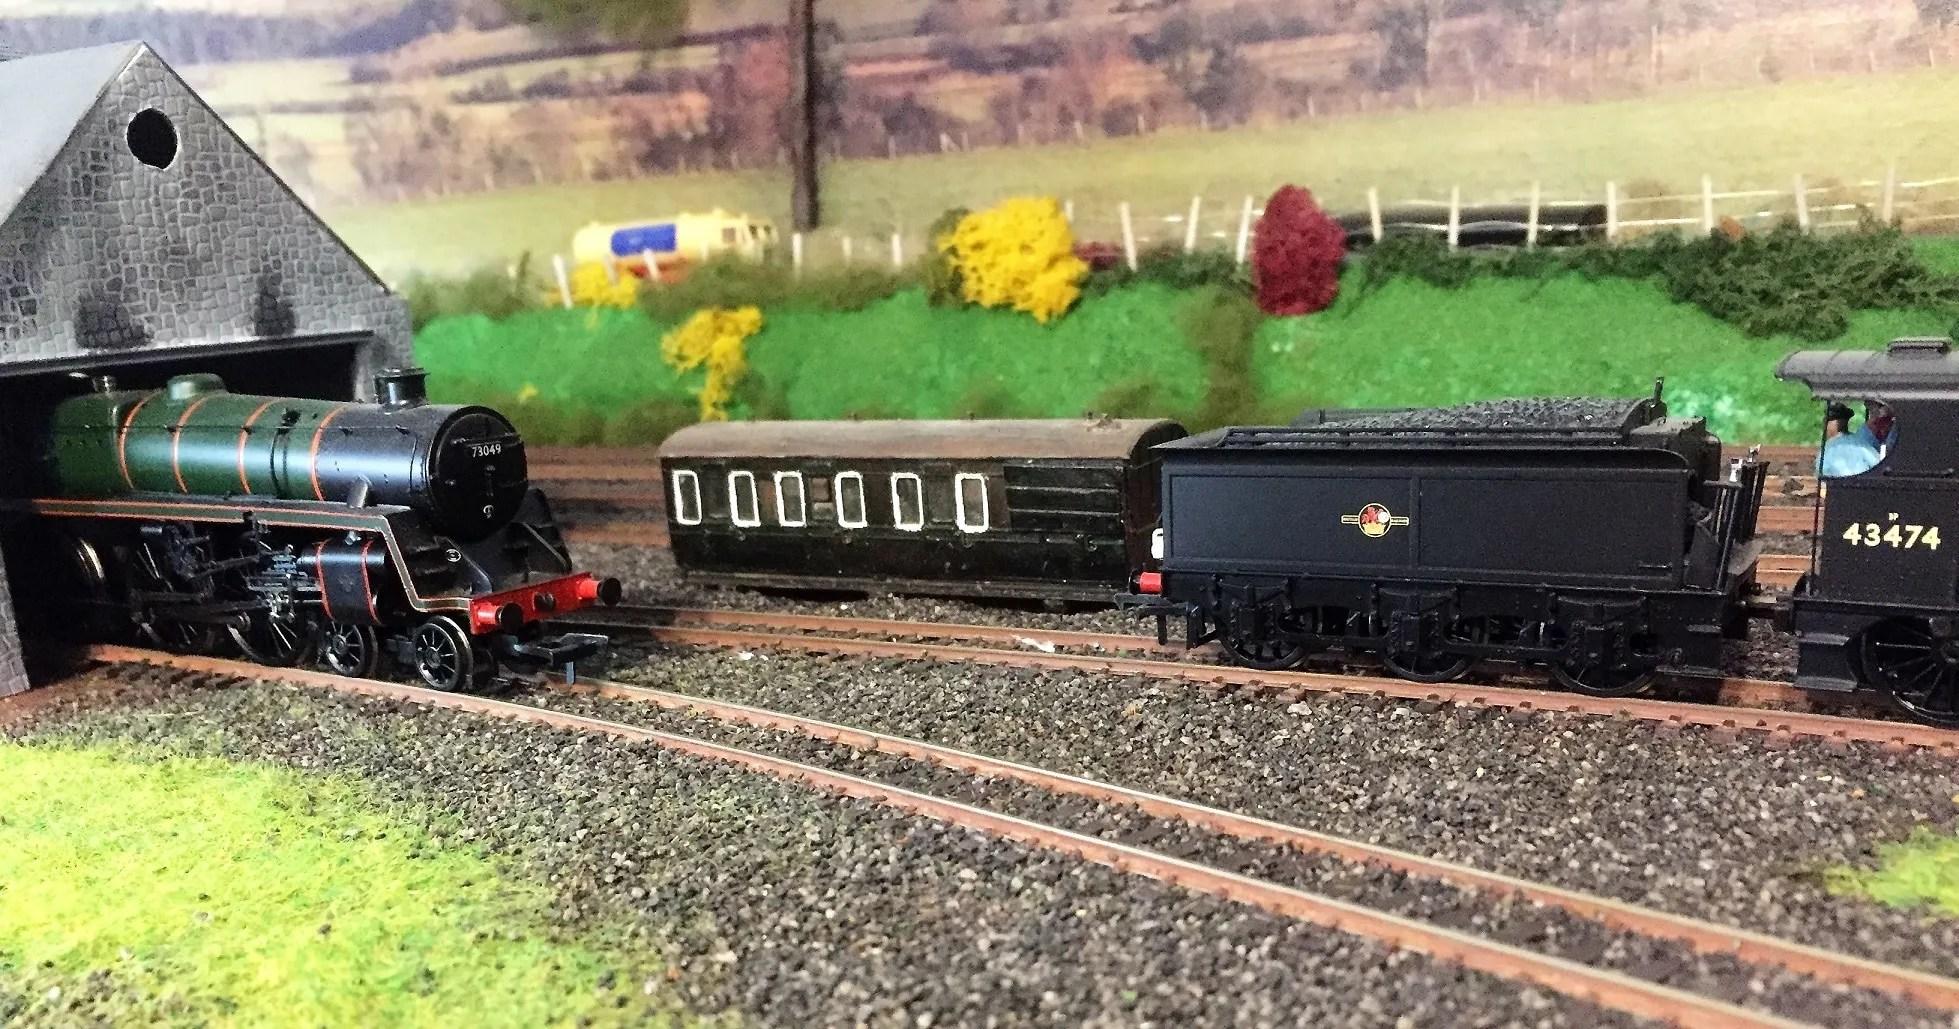 Model railway 00 gauge - Mutual Improvement class coach body